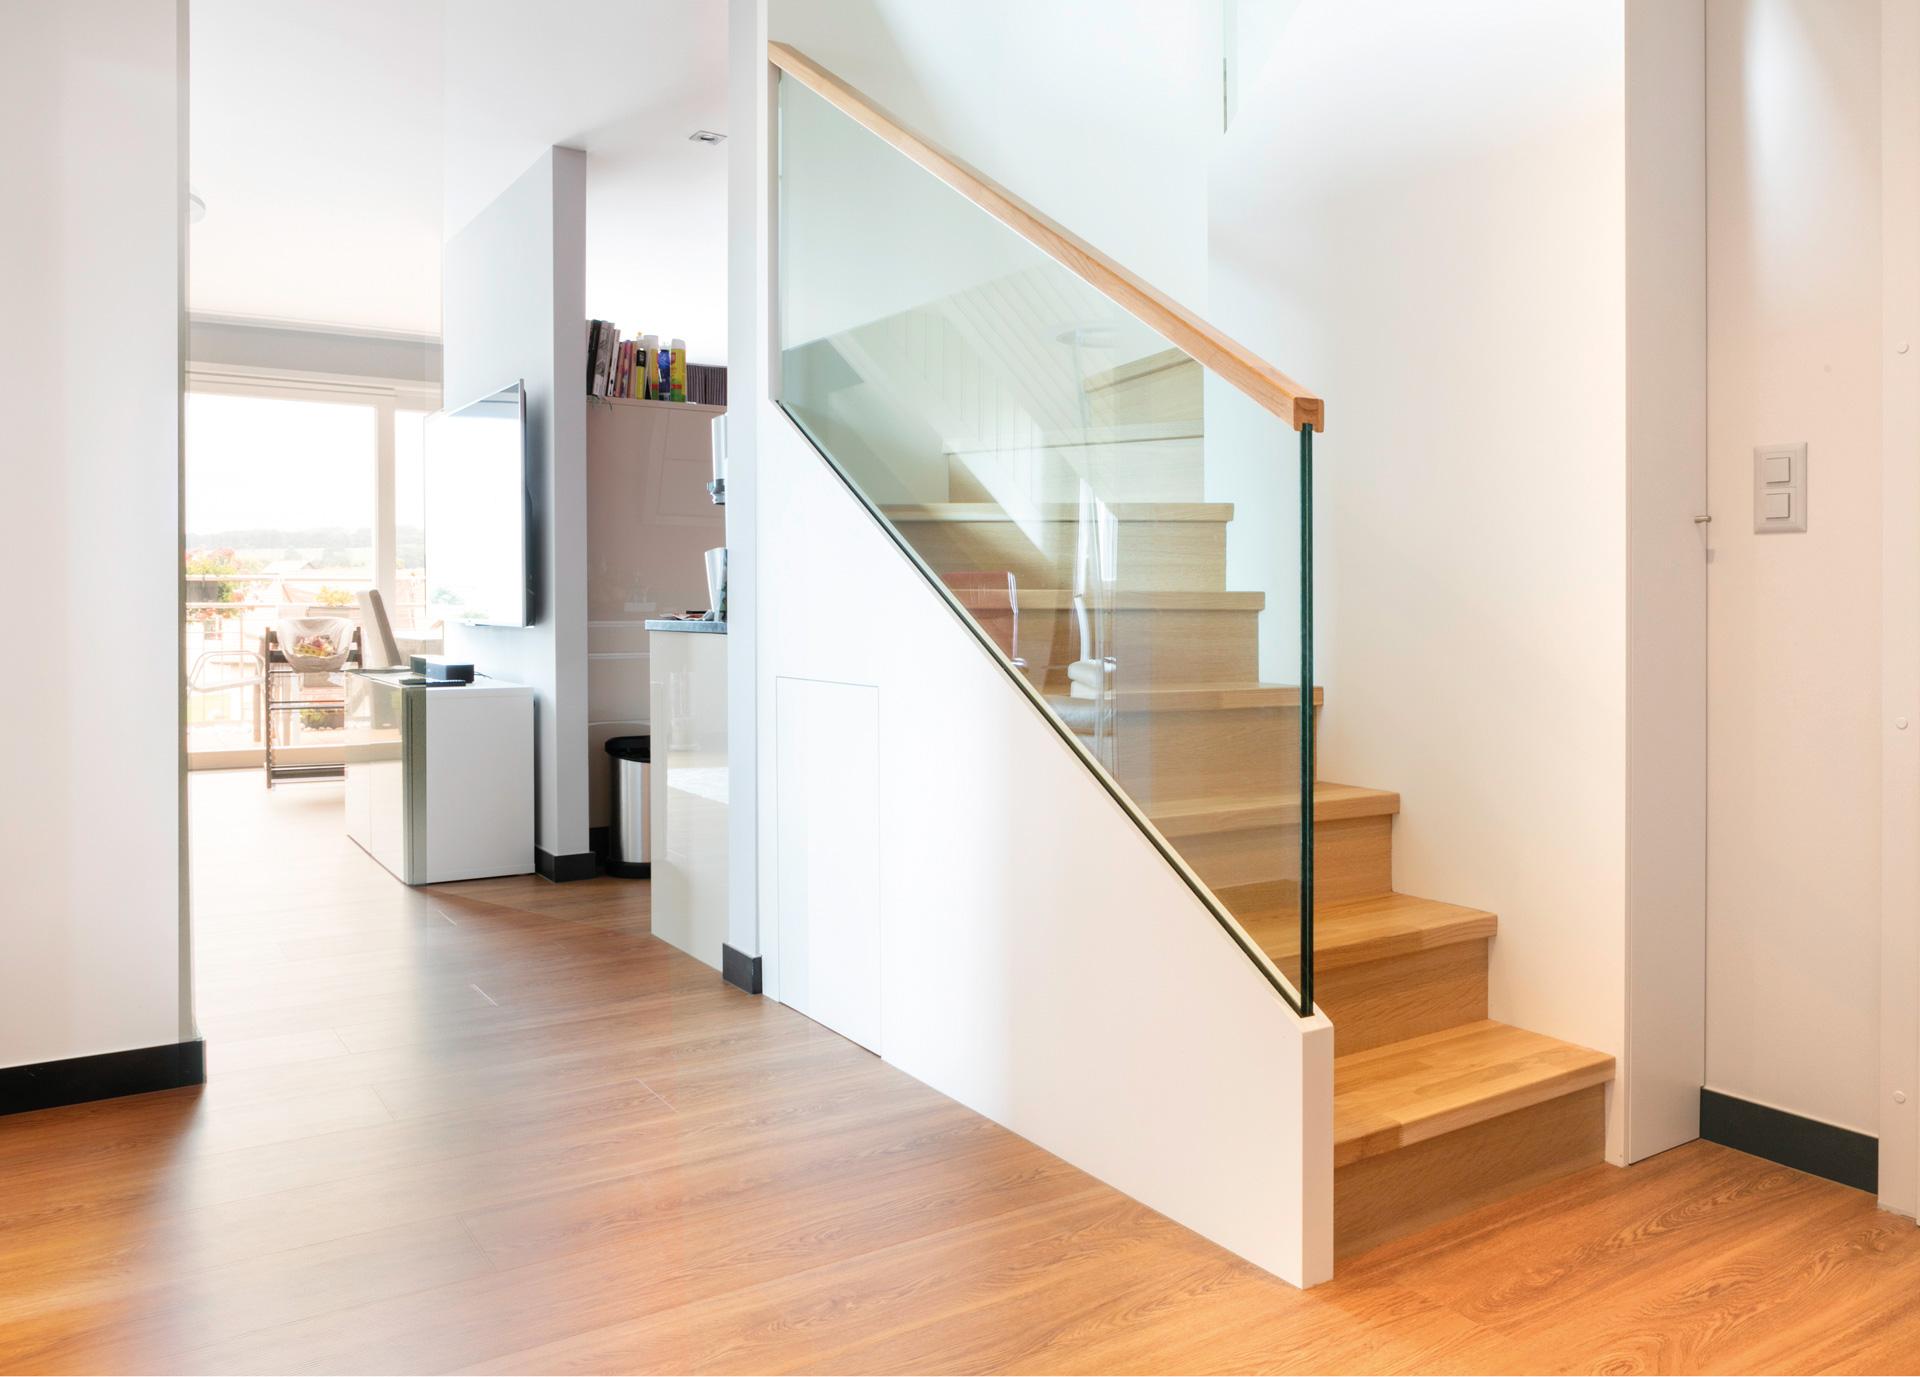 Aménagement de combles - Escalier - shape architecture Lausanne